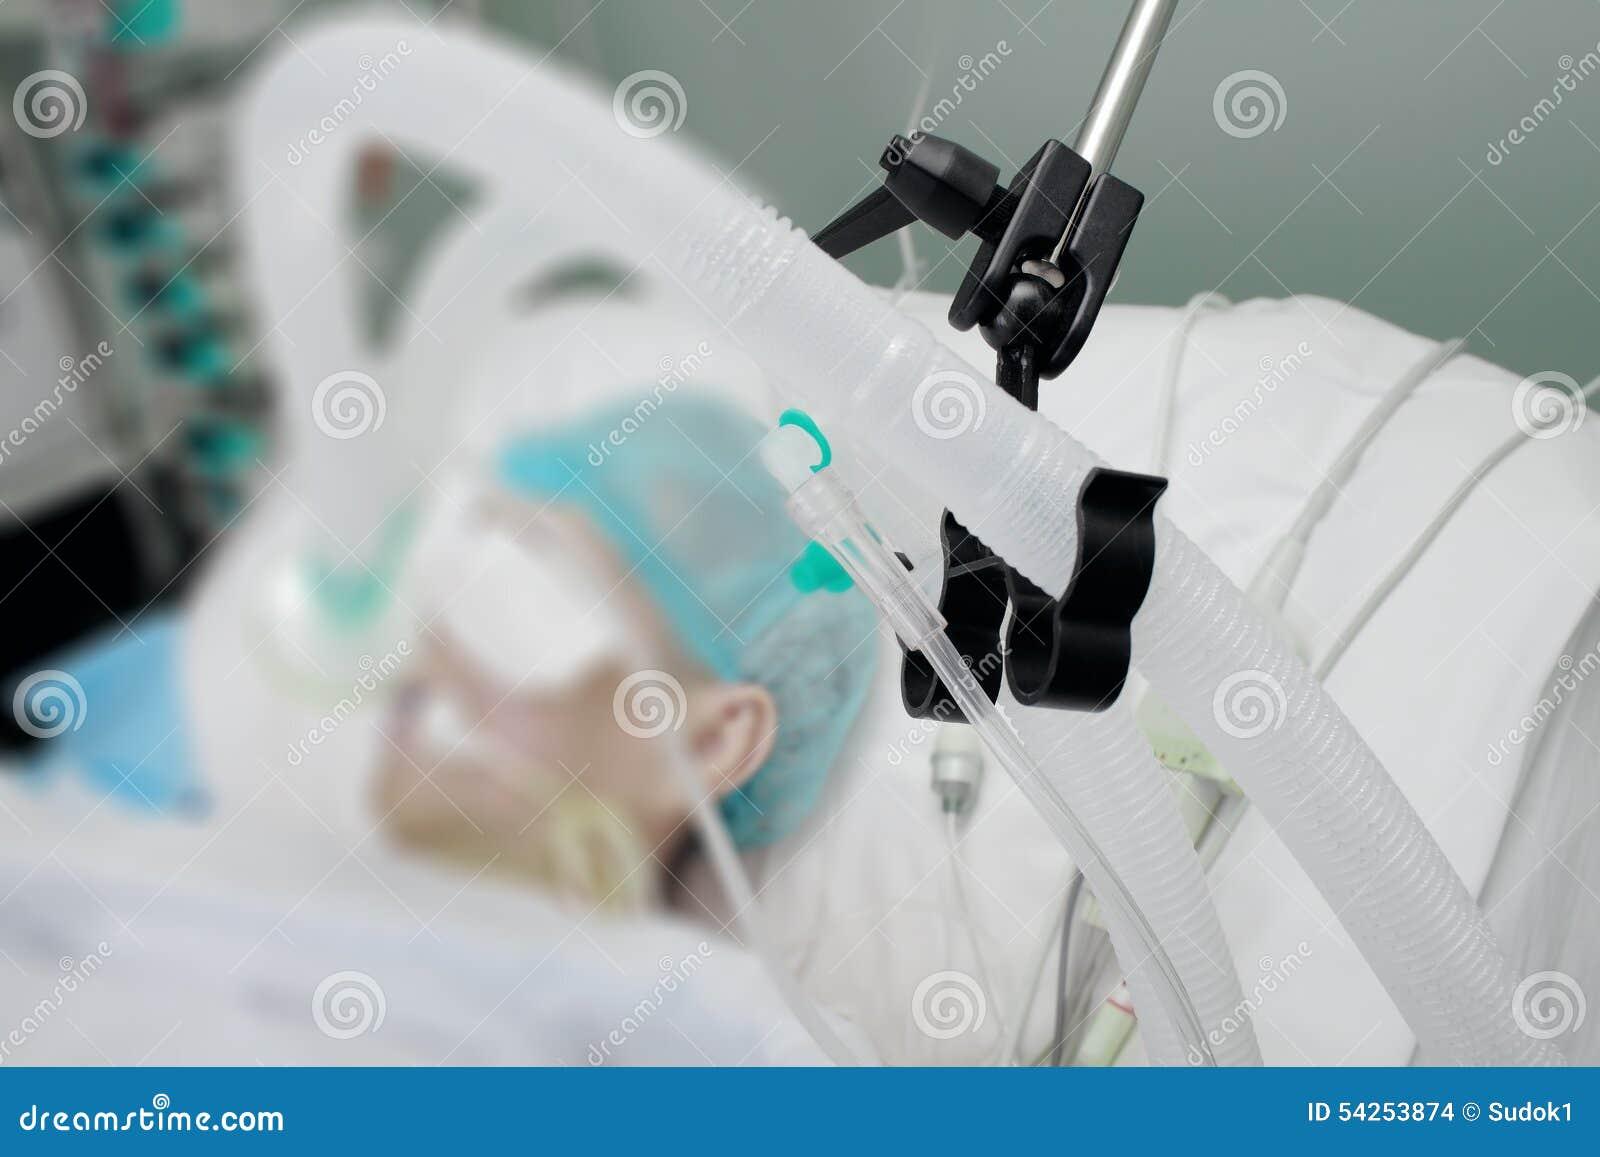 Circuito Ventilador : Circuito de respiración del paciente en el ventilador en icu foto